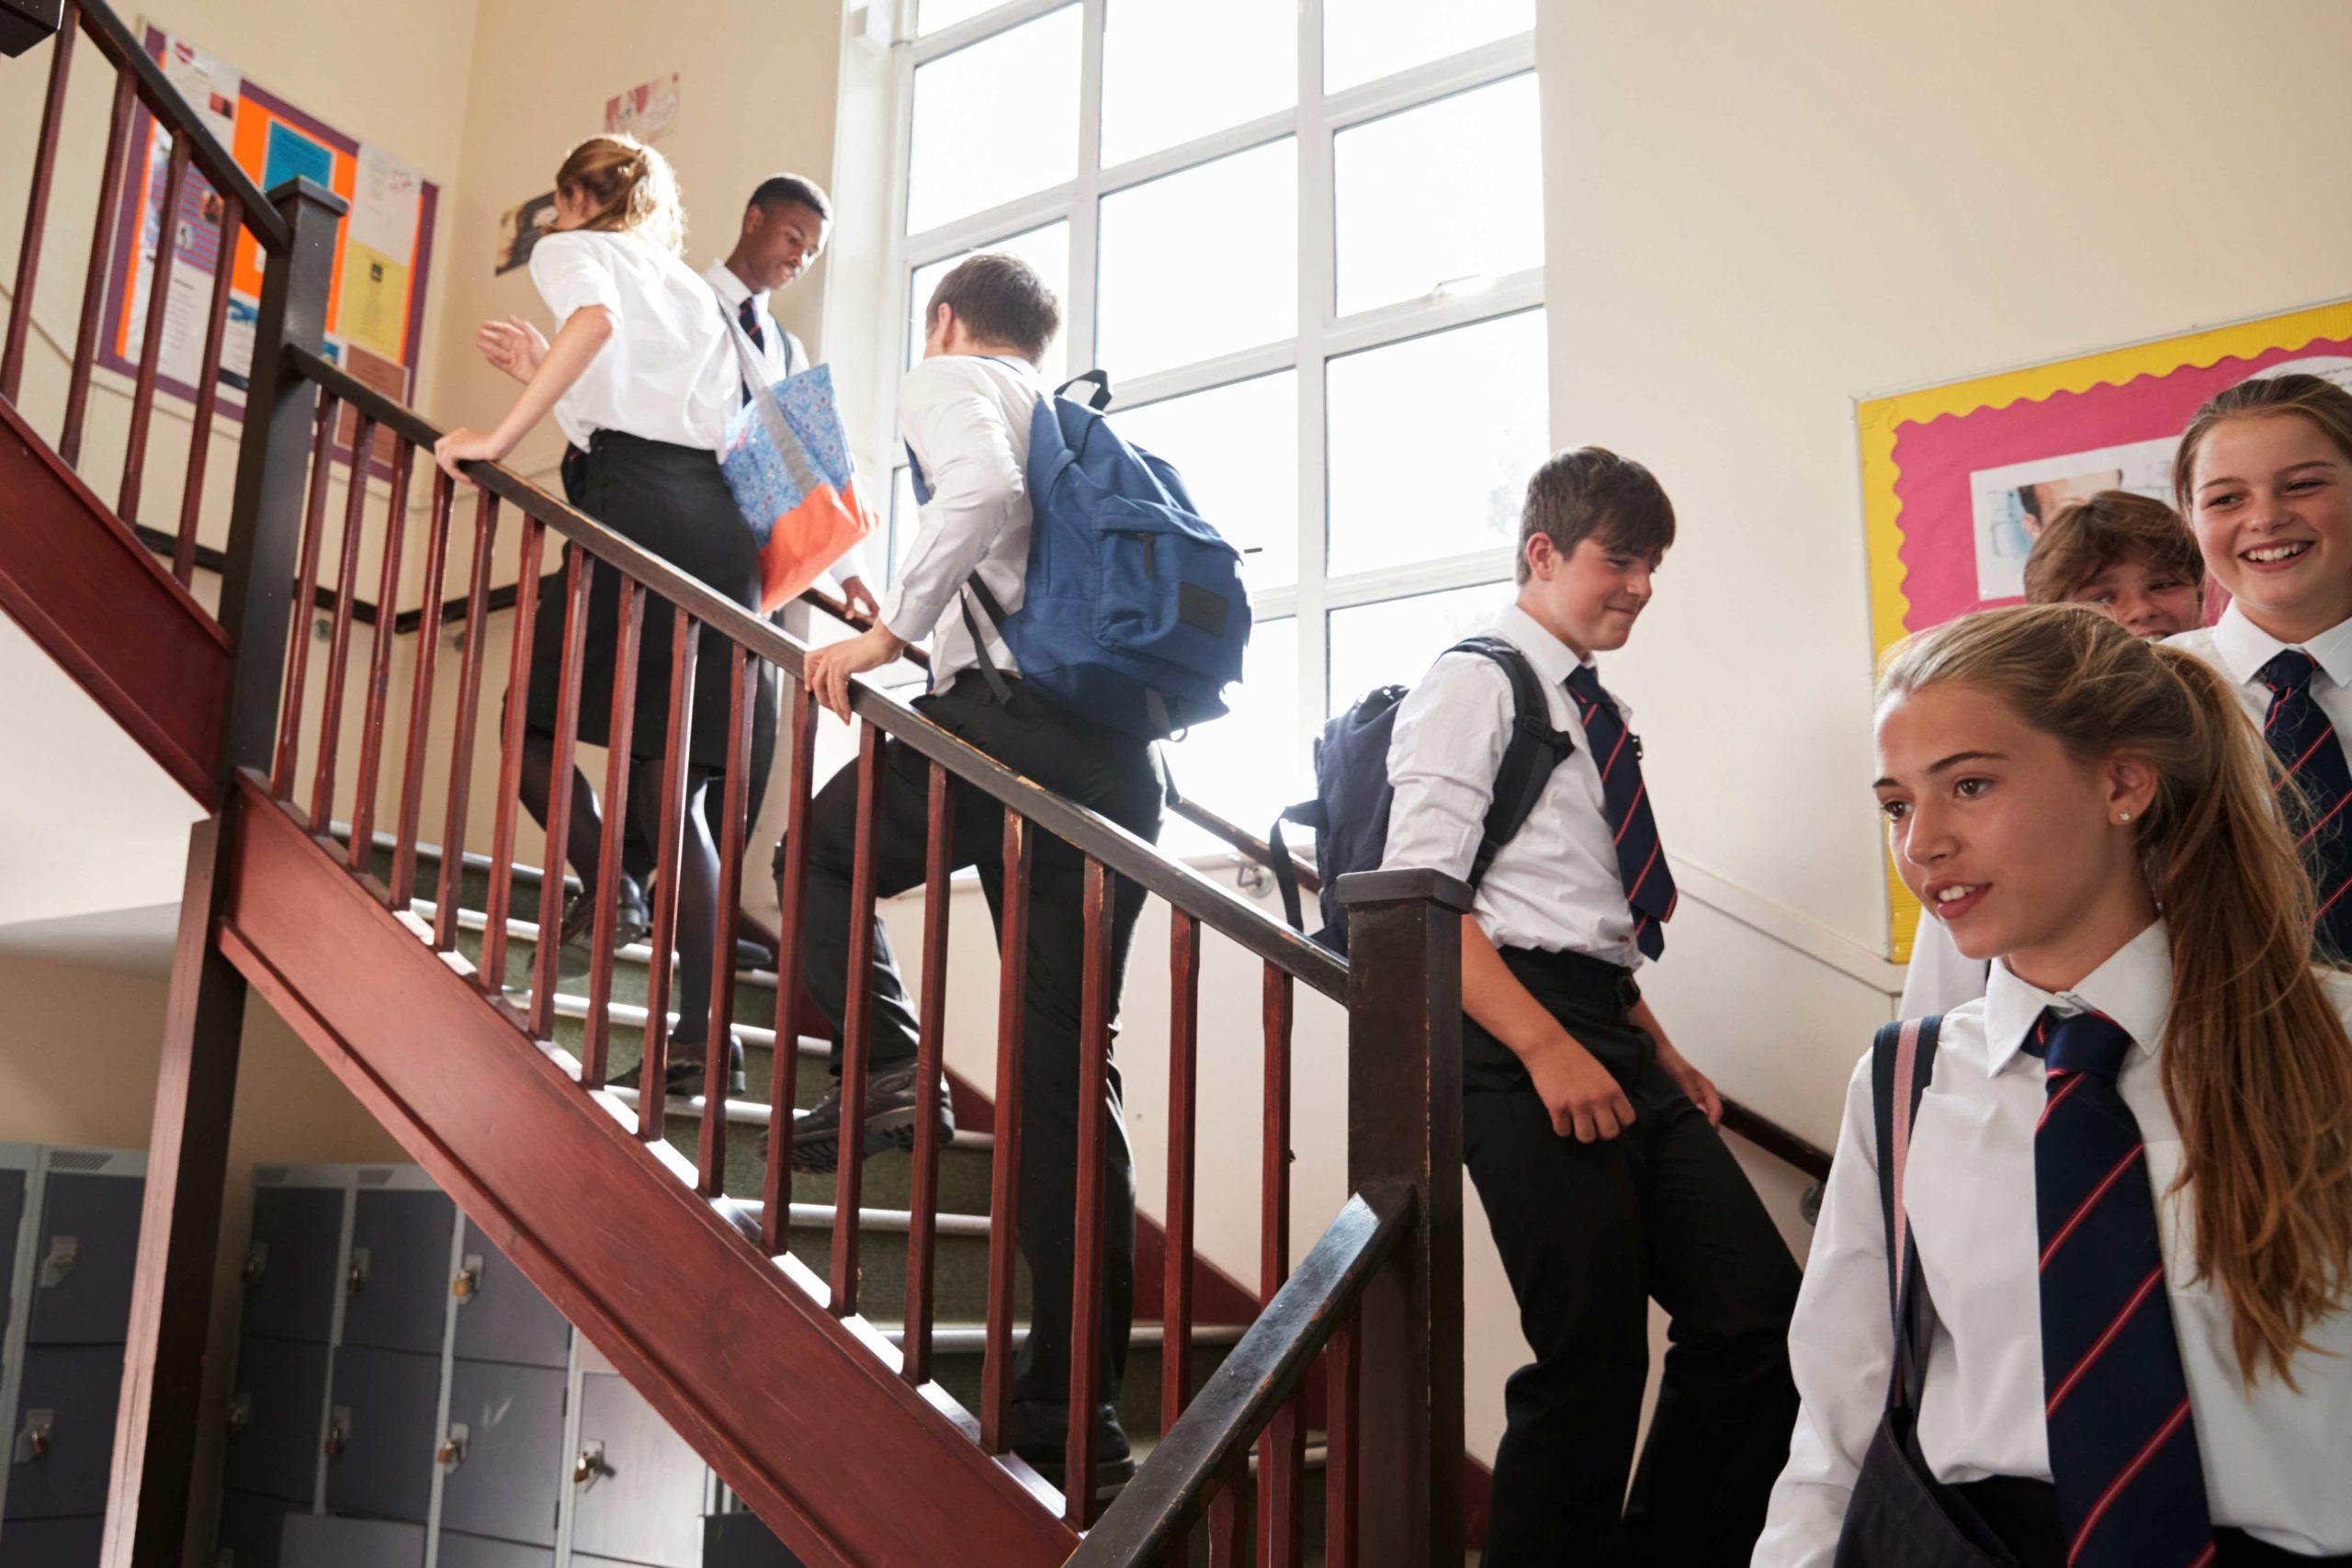 FAQ-Seitenbanner, das eine Gruppe von Schülern zeigt, die in Schuluniform die Treppe hinuntergehen